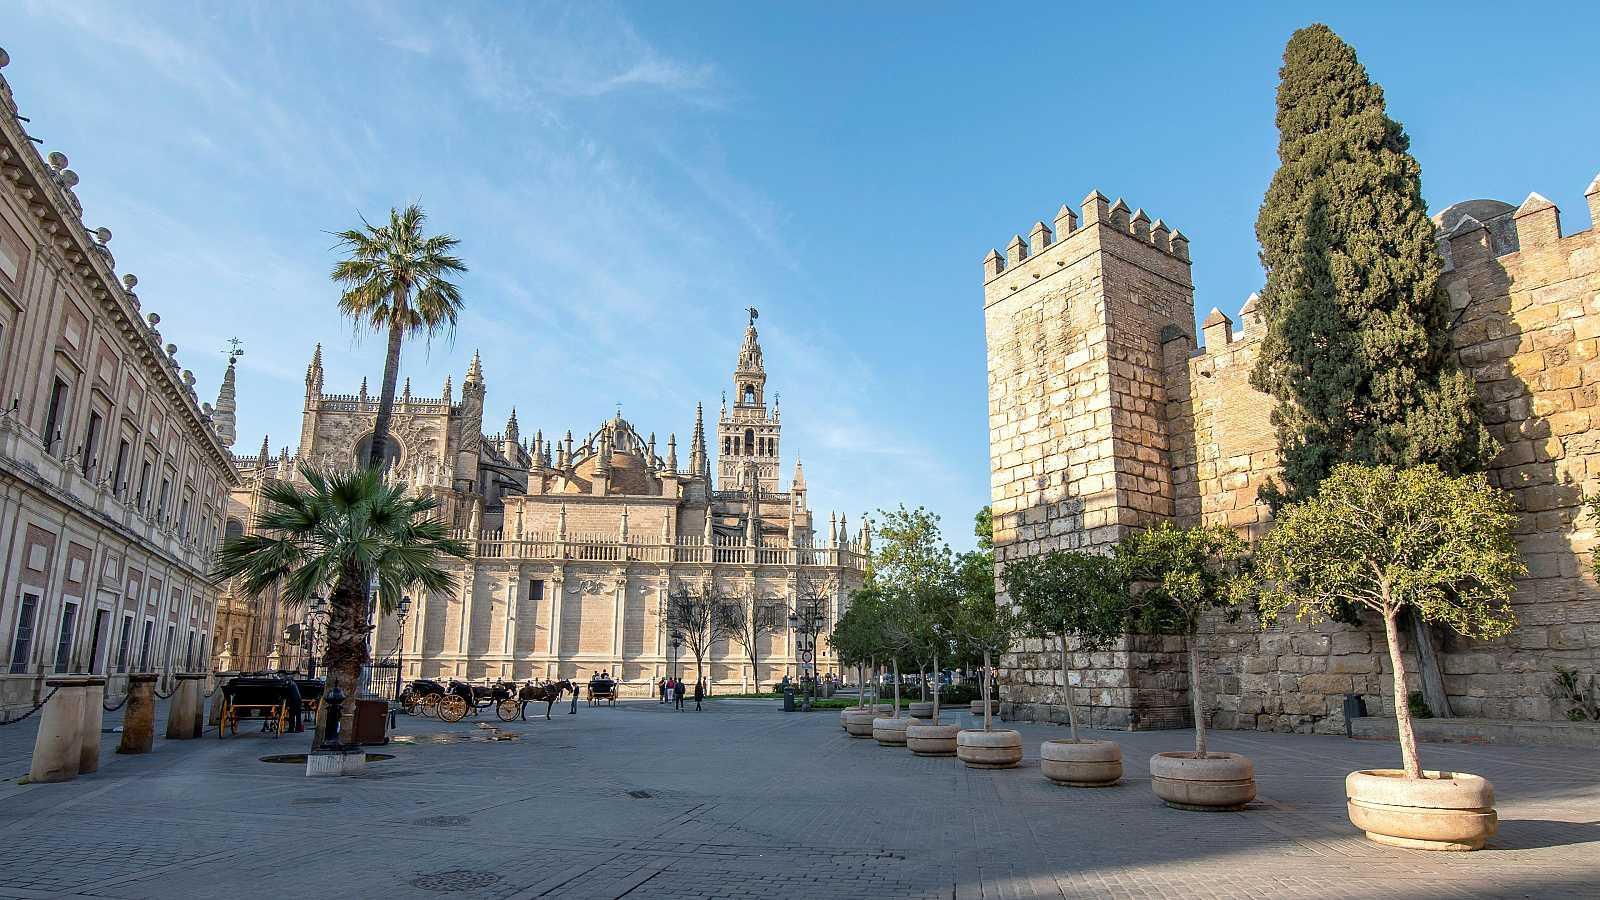 Las calles más turísticas y comerciales de Sevilla se han quedado casi desiertas con motivo de la crisis del coronavirus.